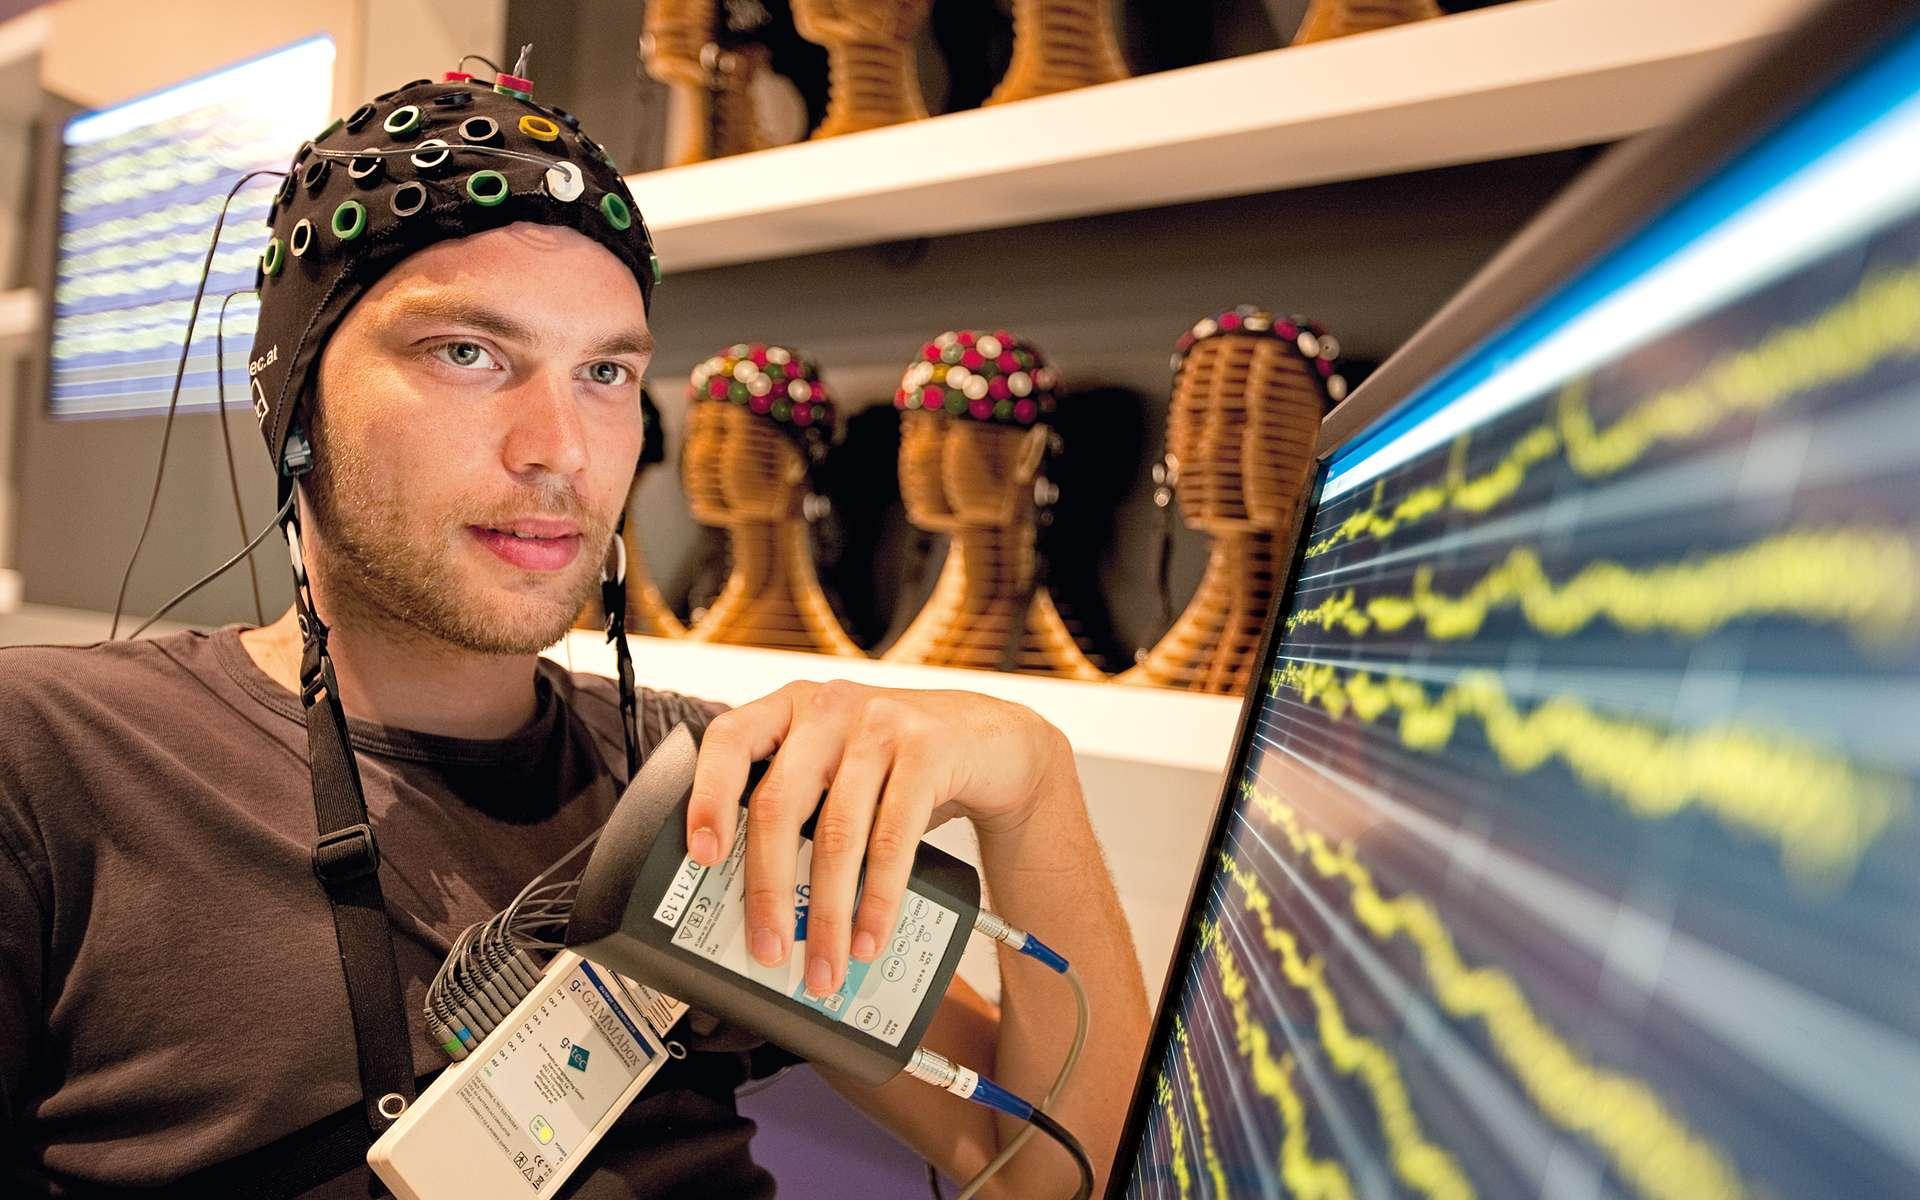 Les électrodes peuvent servir à enregistrer l'activité électrique du cerveau humain. © Ars Electronica, Flickr, CC by-nc-nd 2.0